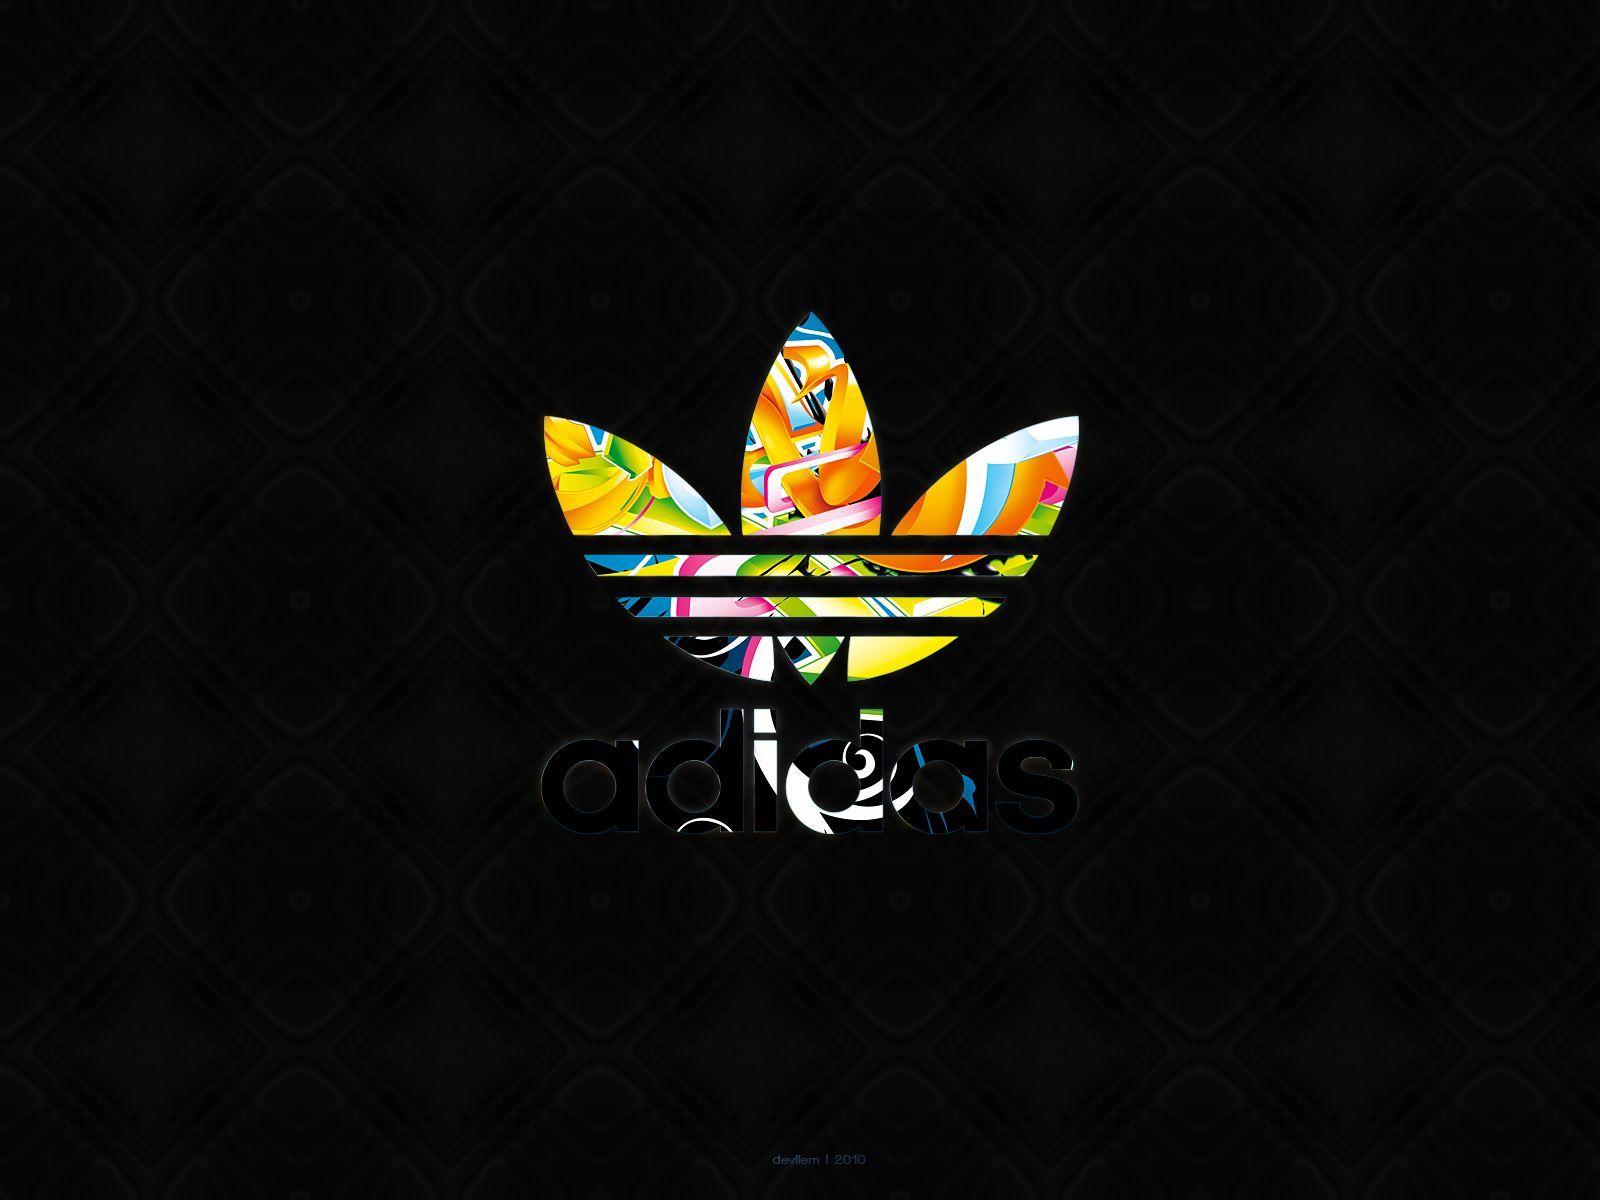 Adidas originali logo galleria 542294450 carta da parati gratis bene hd